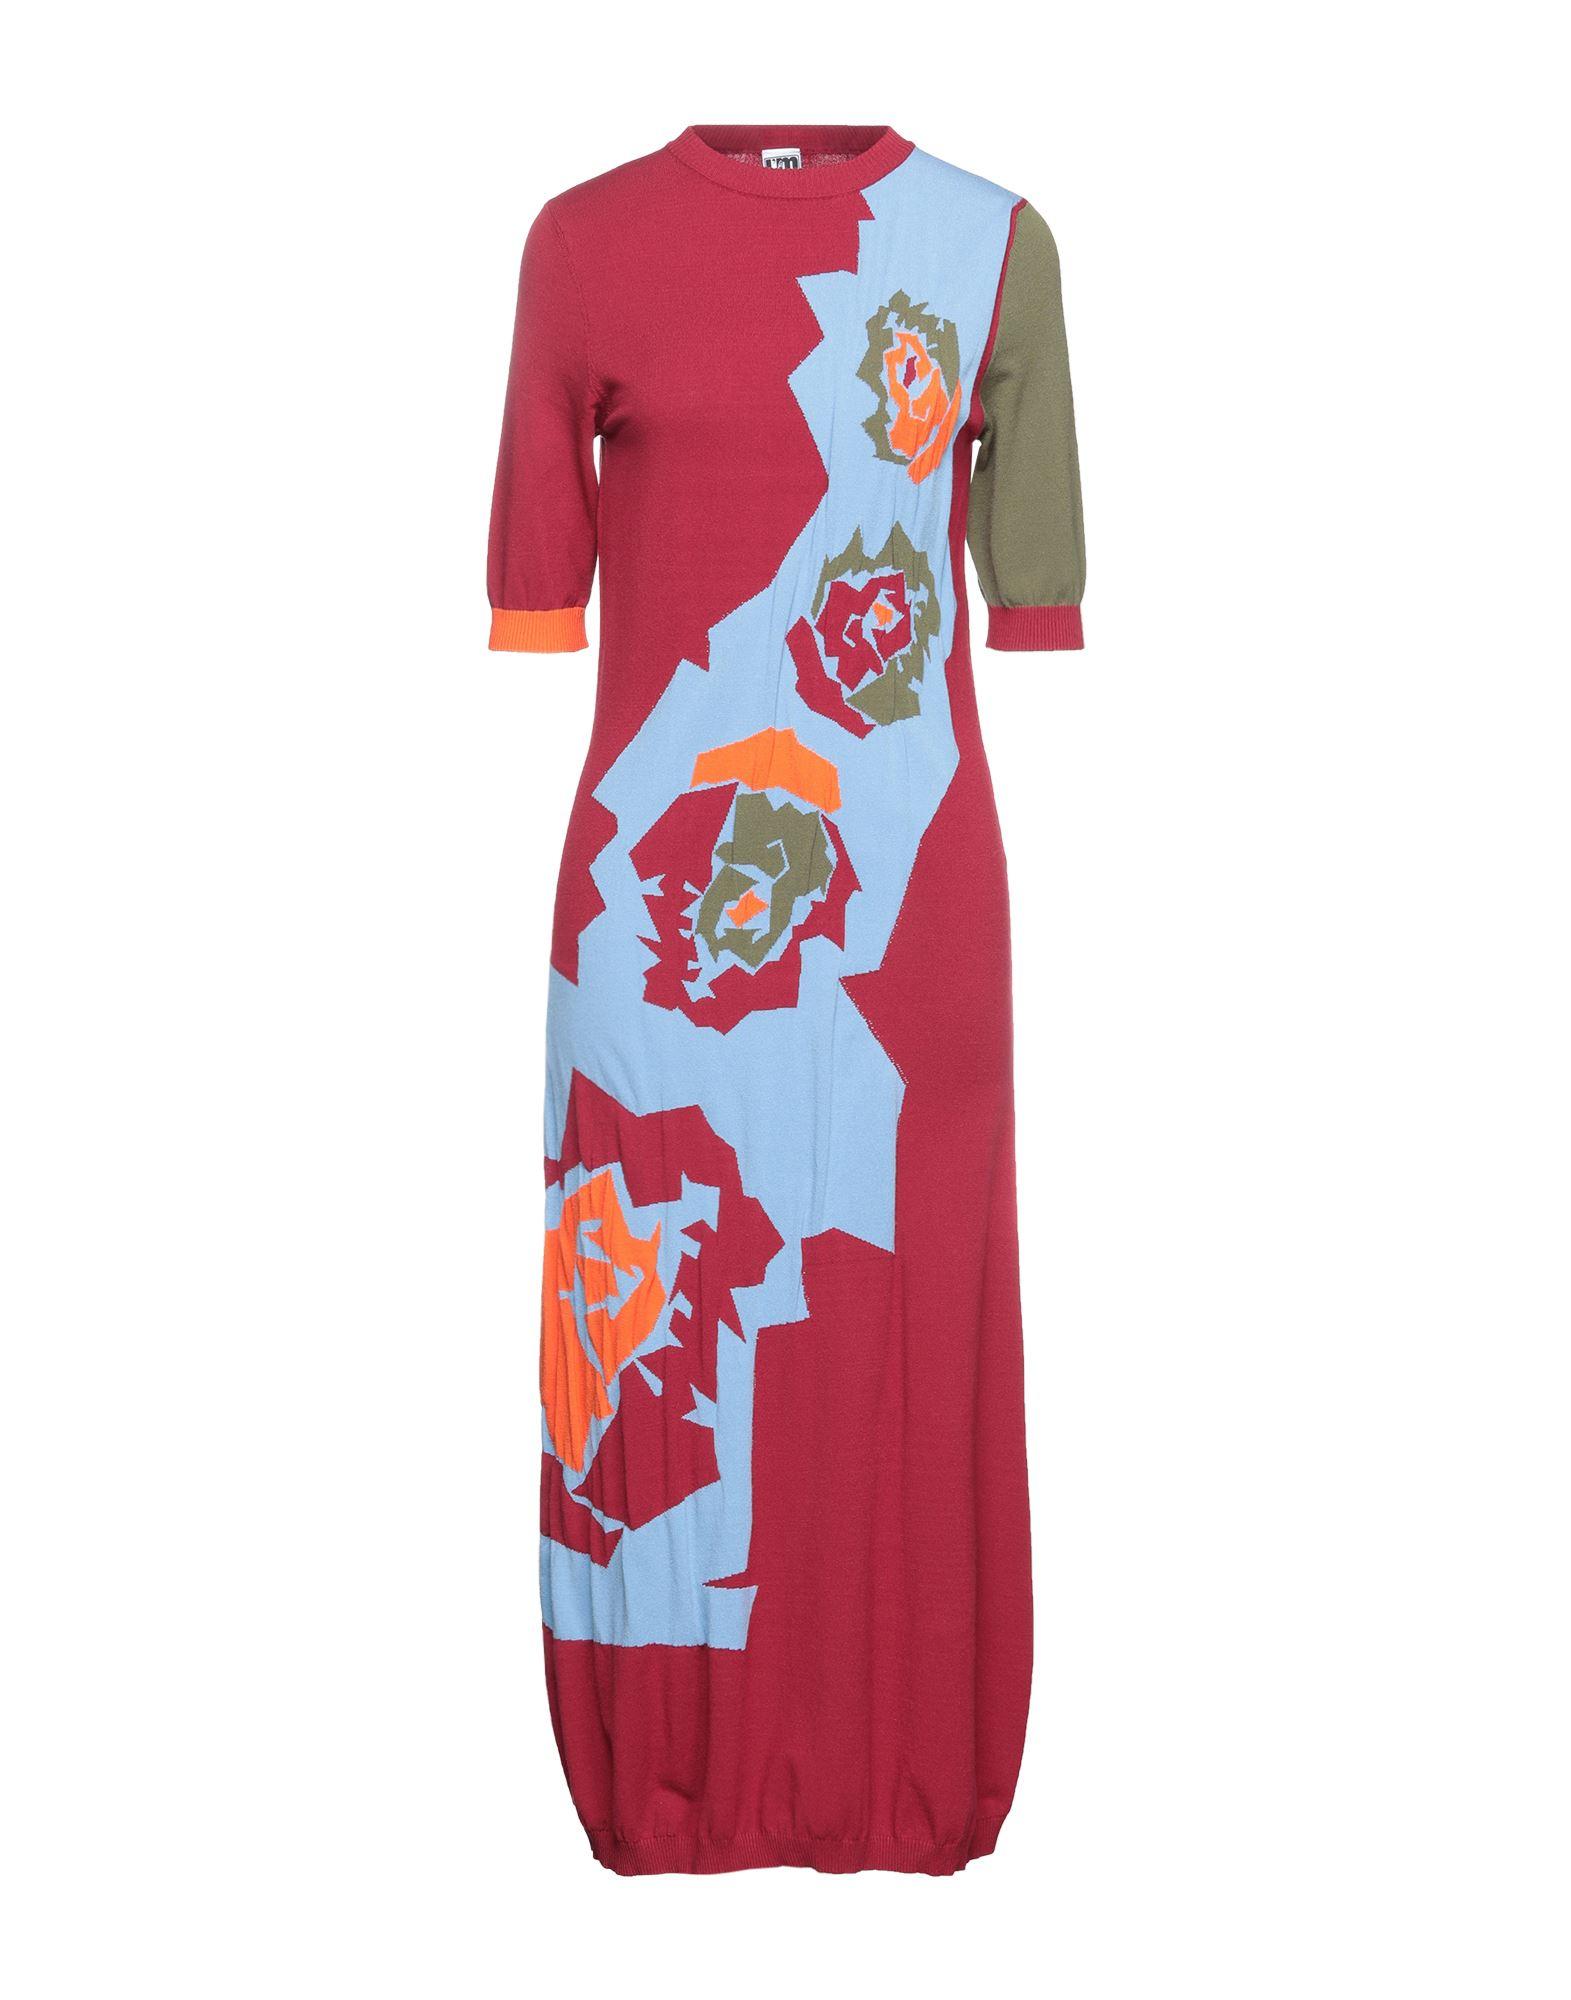 Фото - I'M ISOLA MARRAS Платье миди im isola marras футболка